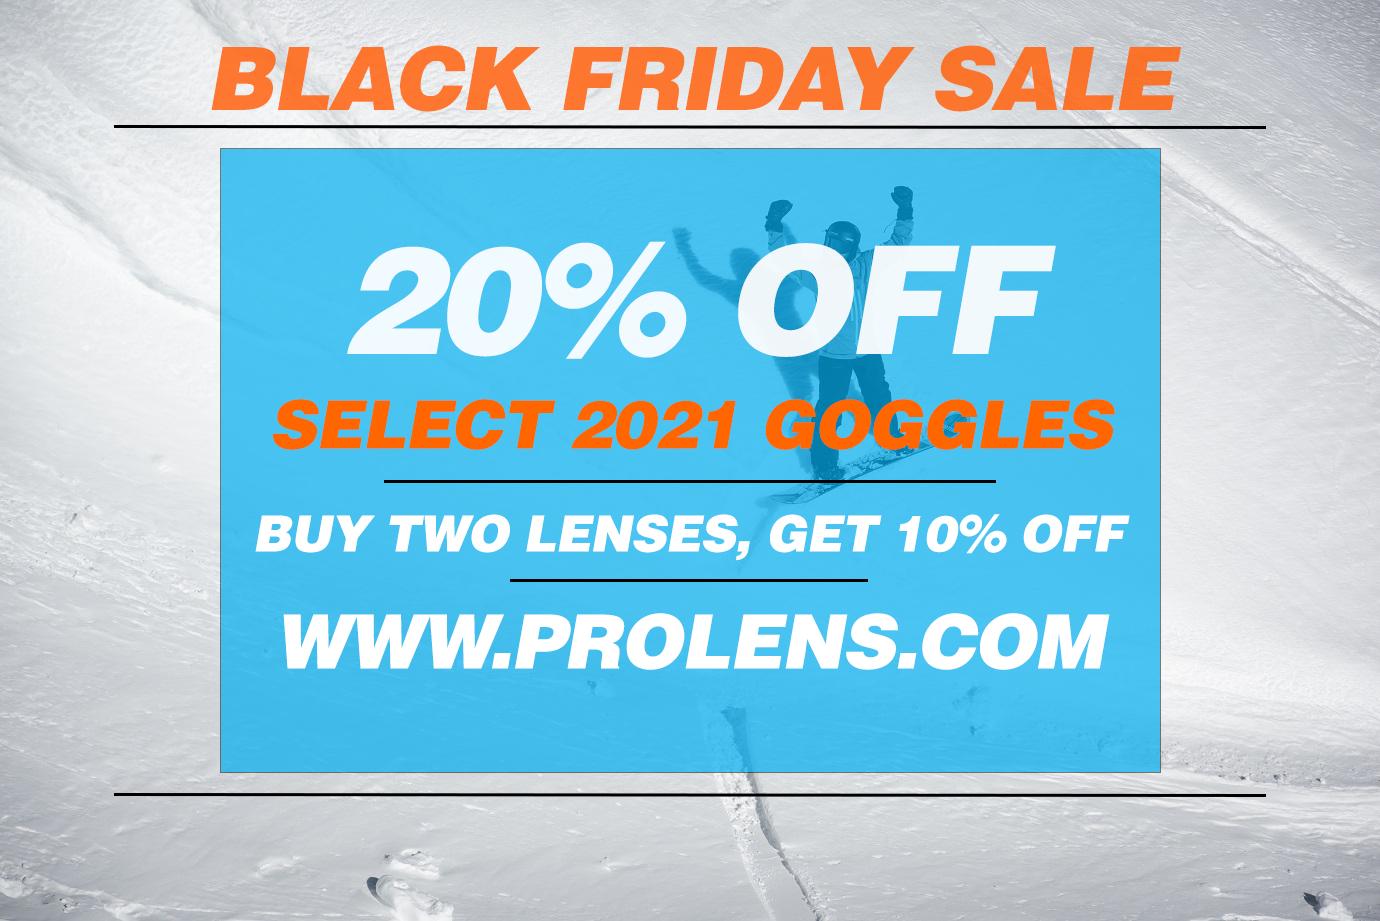 prolens-black-friday-sale-4.png